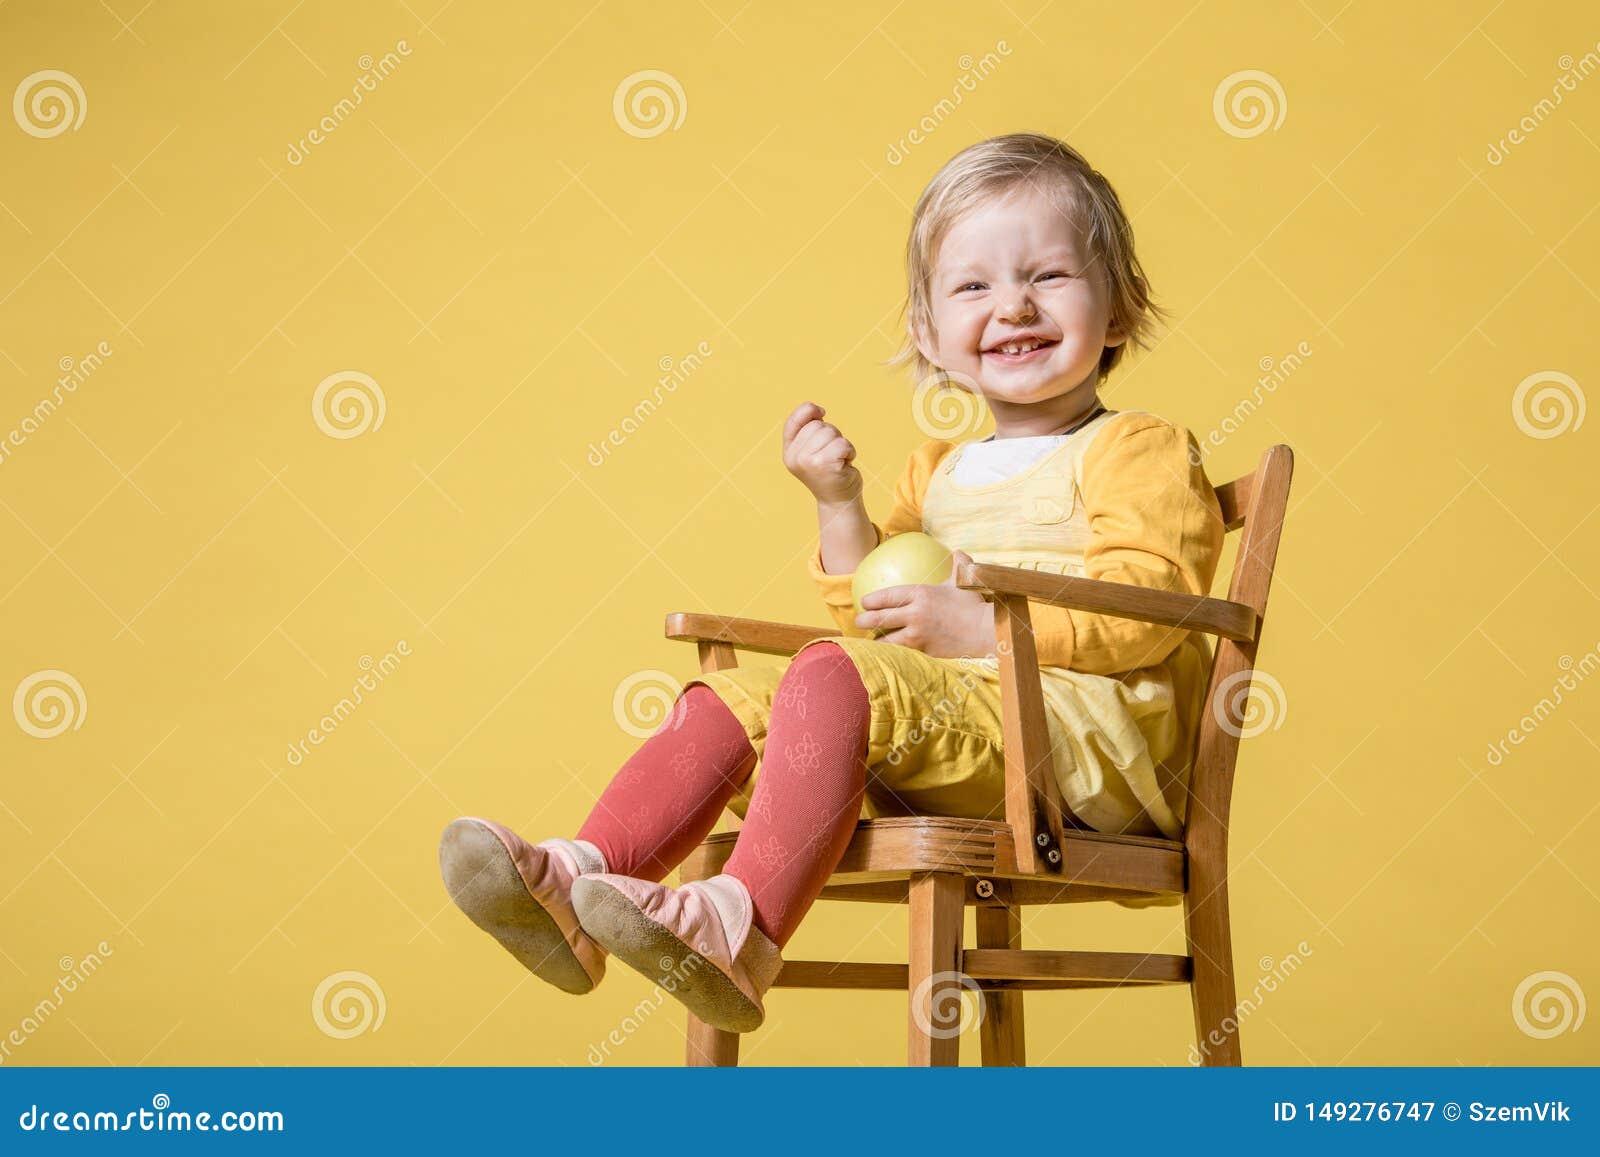 Giovane neonata in vestito giallo su fondo giallo